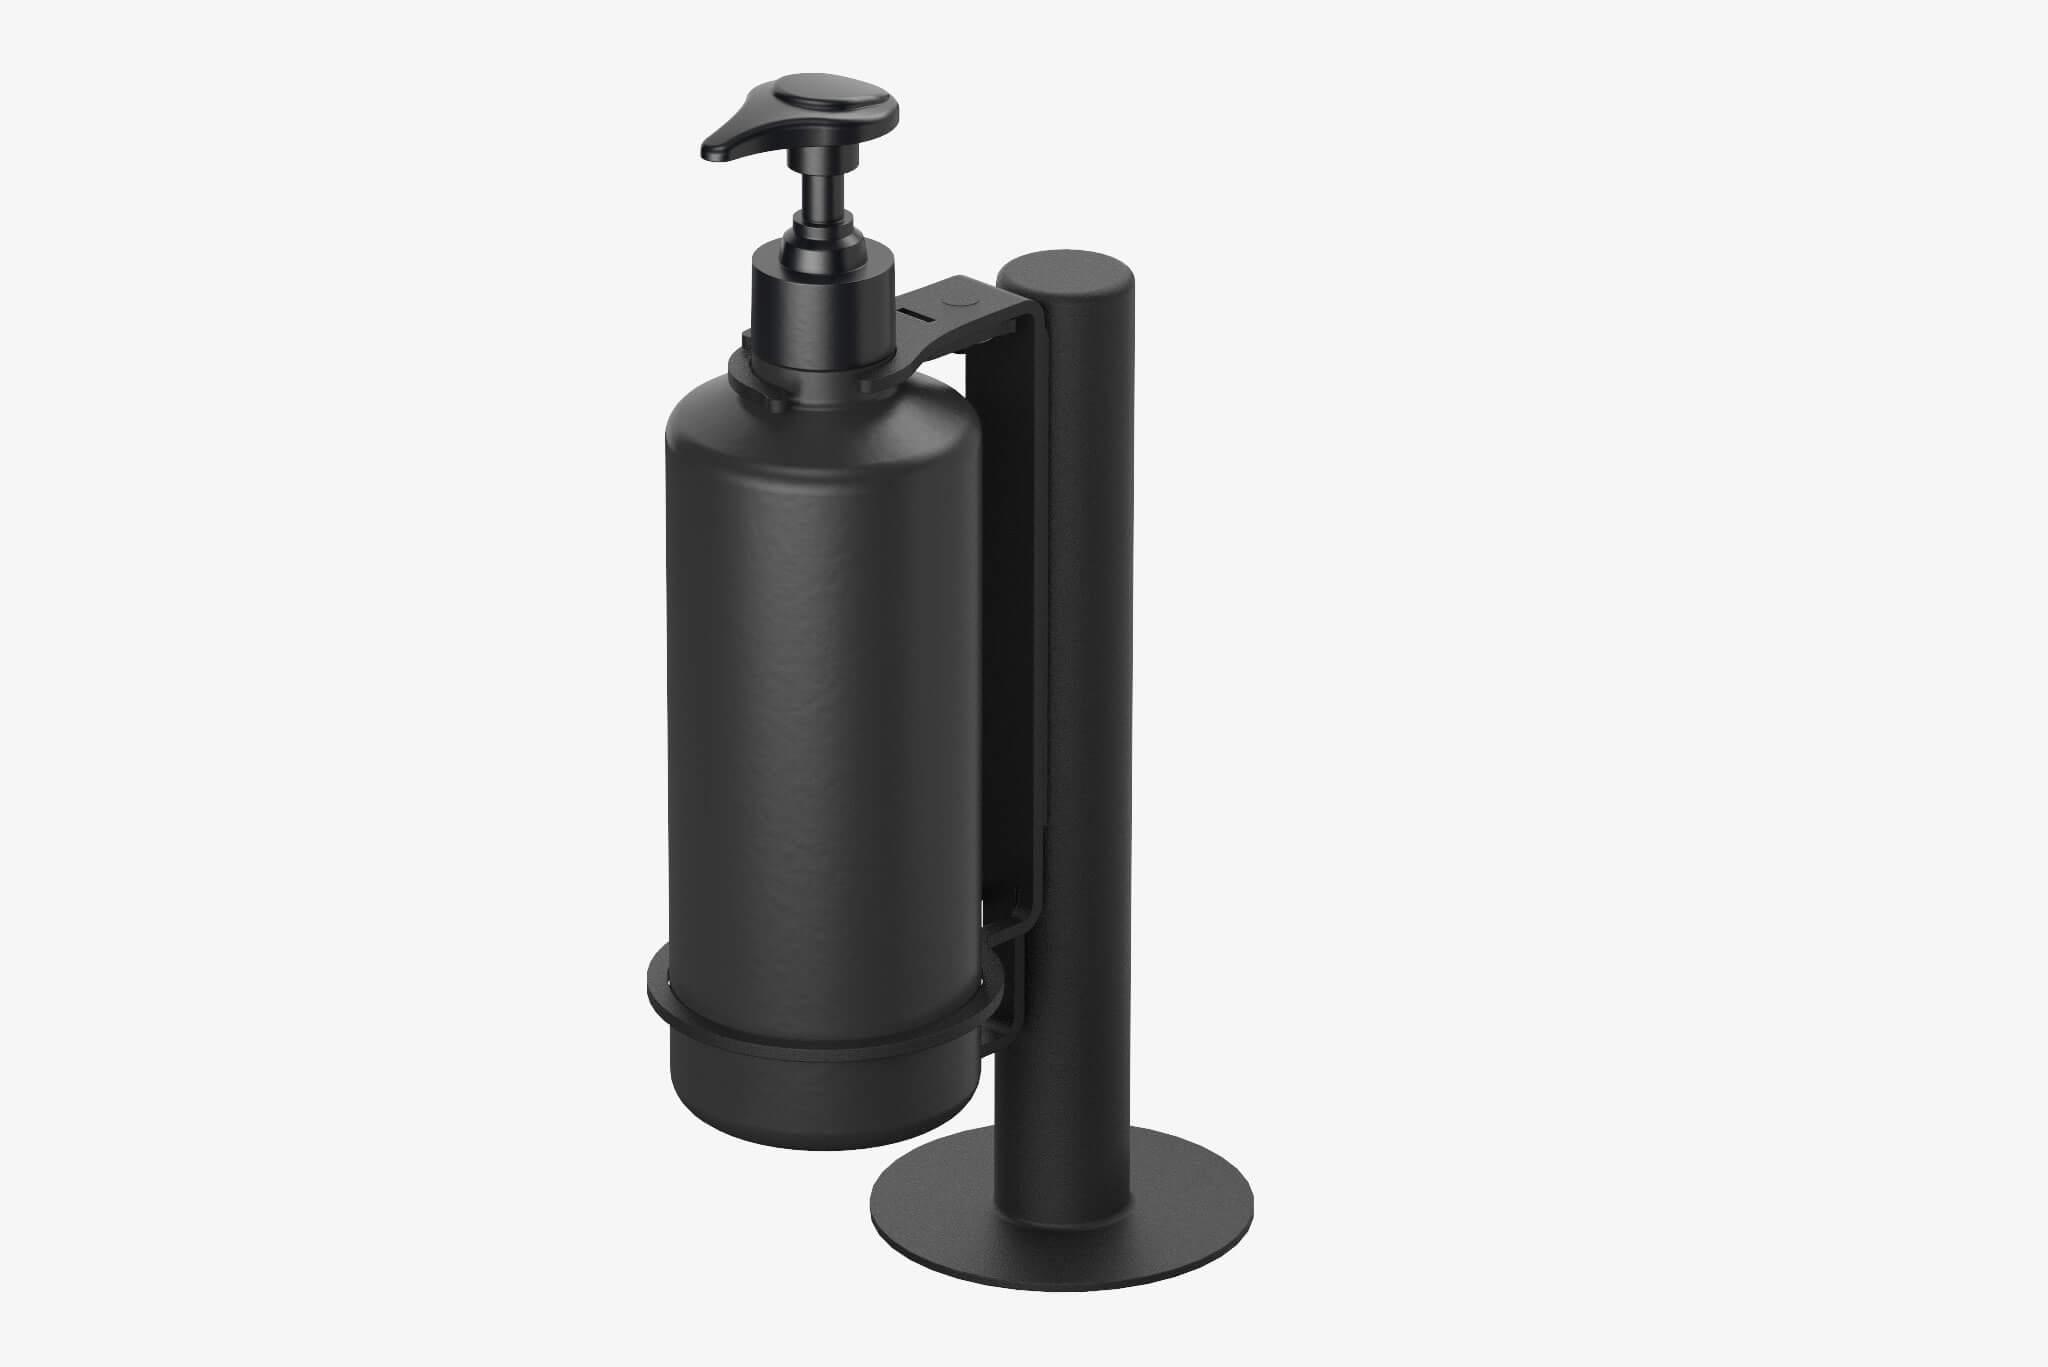 Bottle Holder Sink Stand (ID.2107)